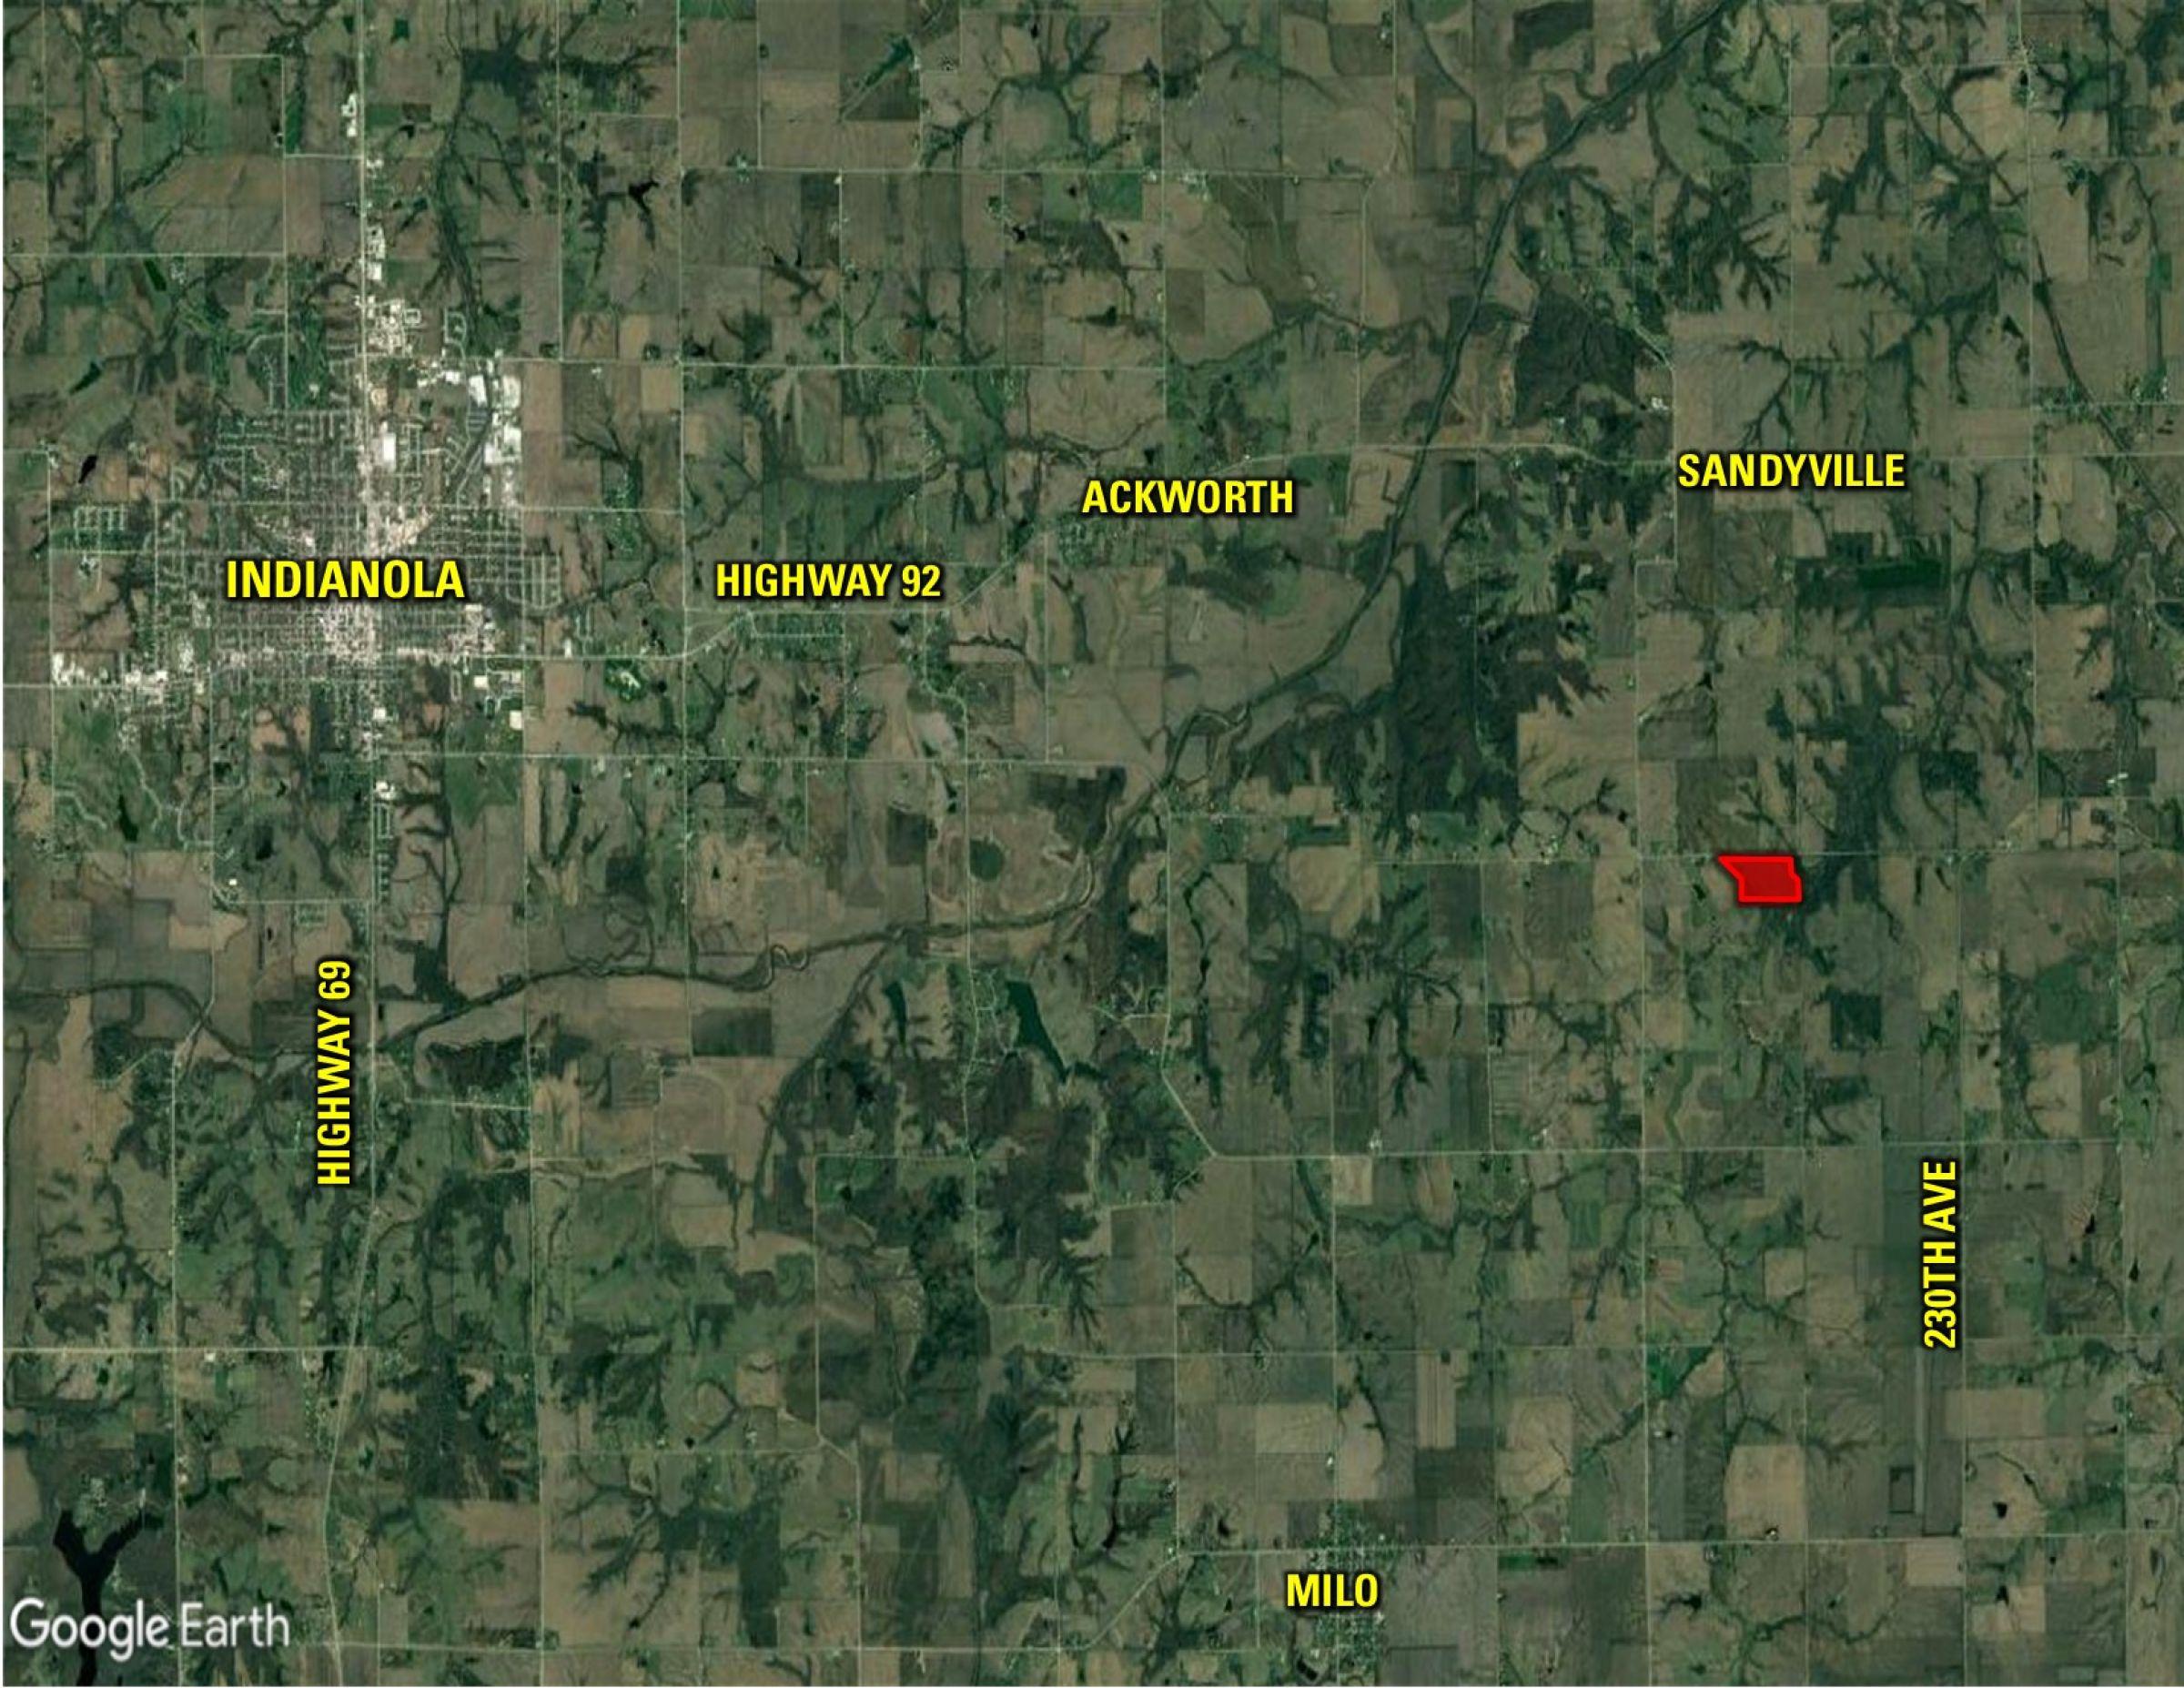 1-kirkwood-st-milo-50166-3-2021-04-27-145940.jpg